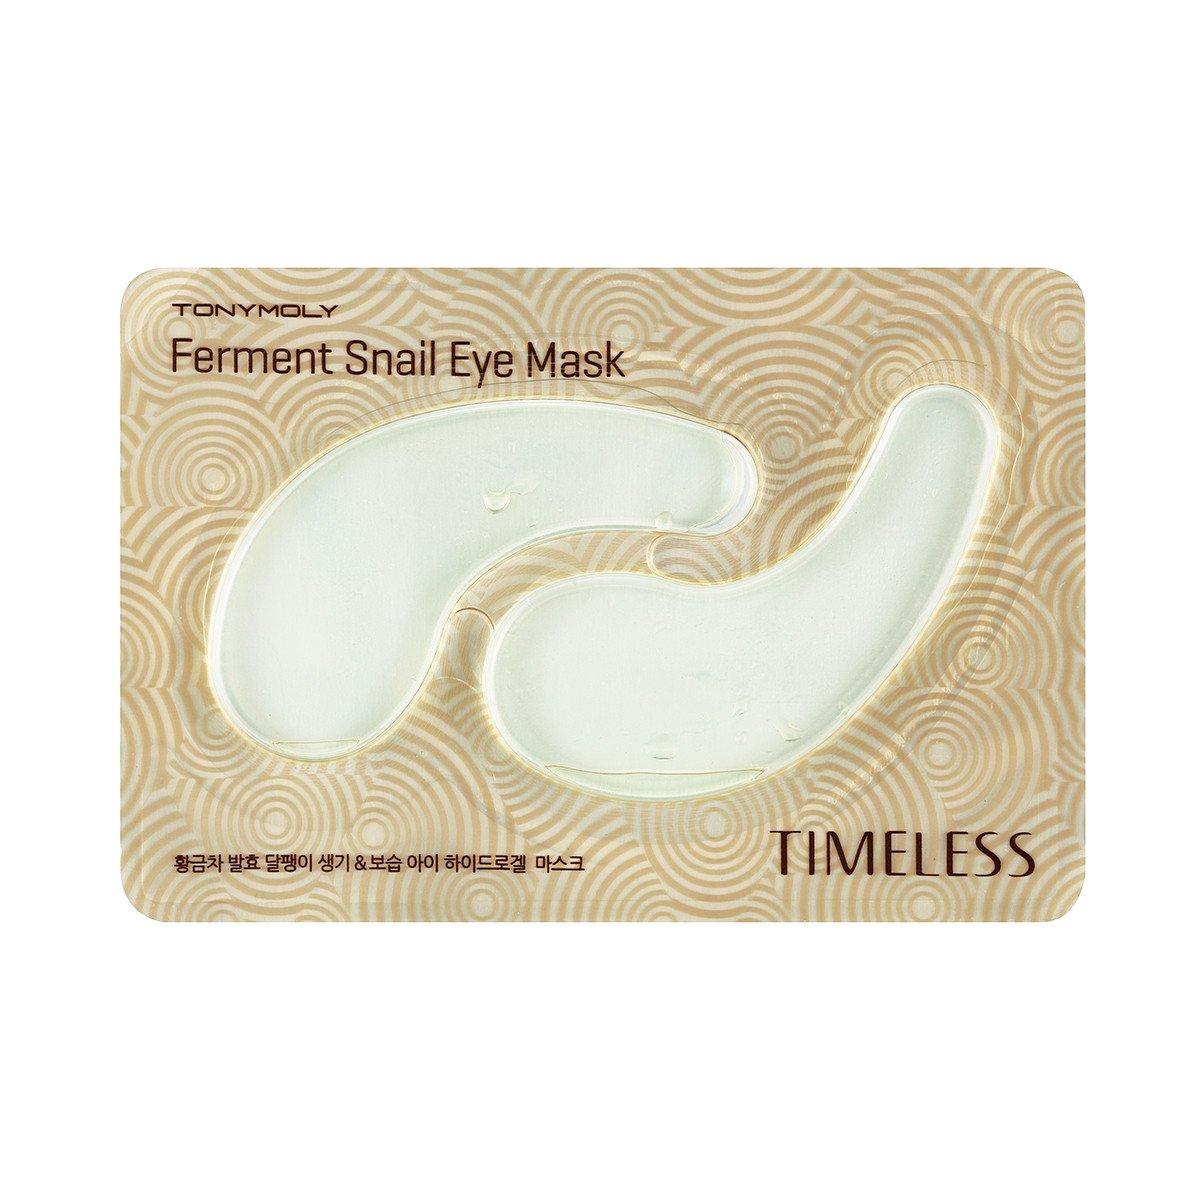 TONYMOLY - Timeless Ferment Snail Eye Mask